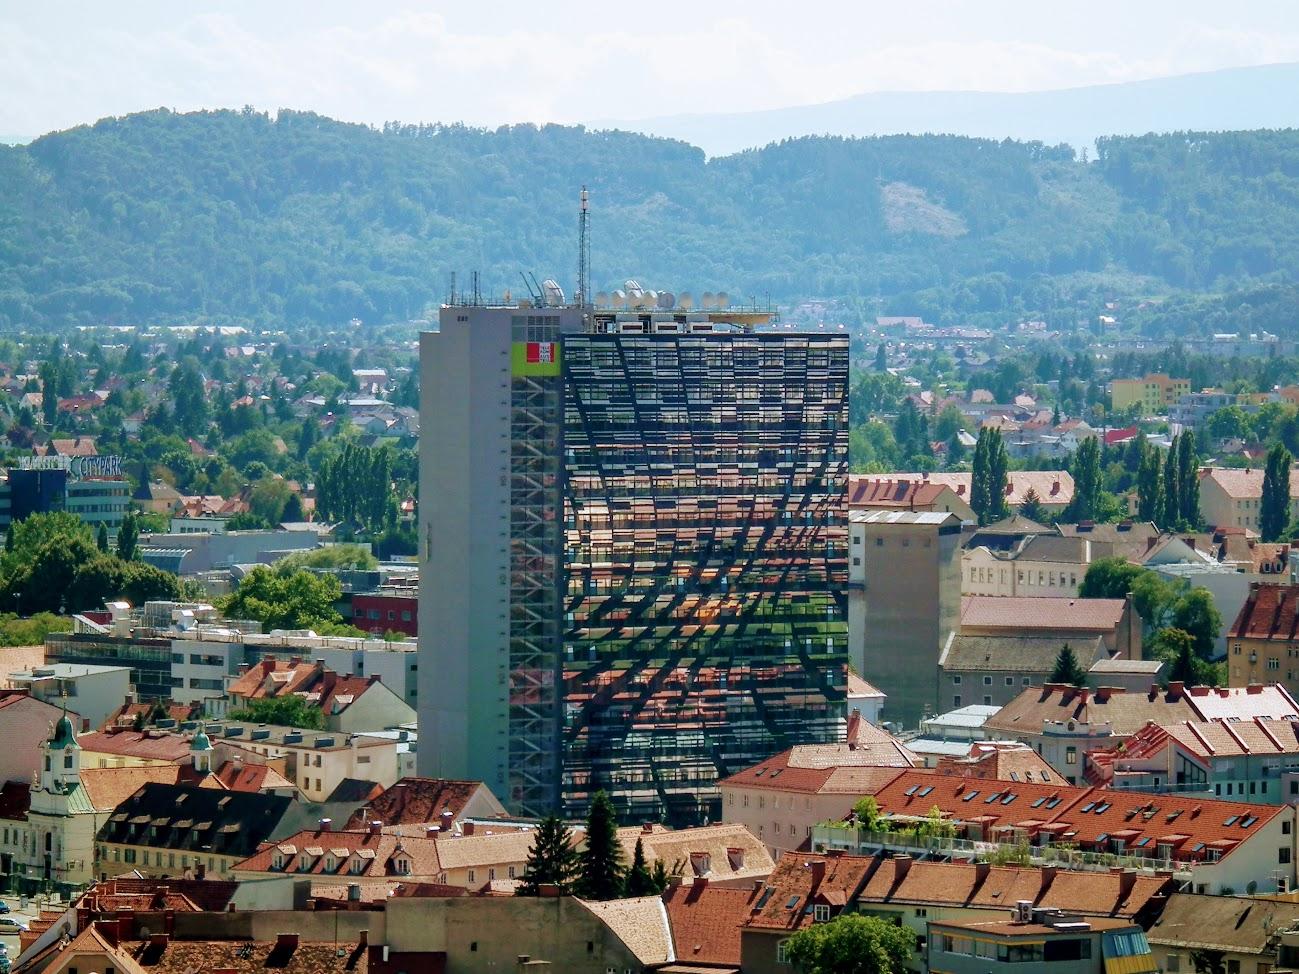 Graz 9/Griesplatz - DVB-T gapfiller